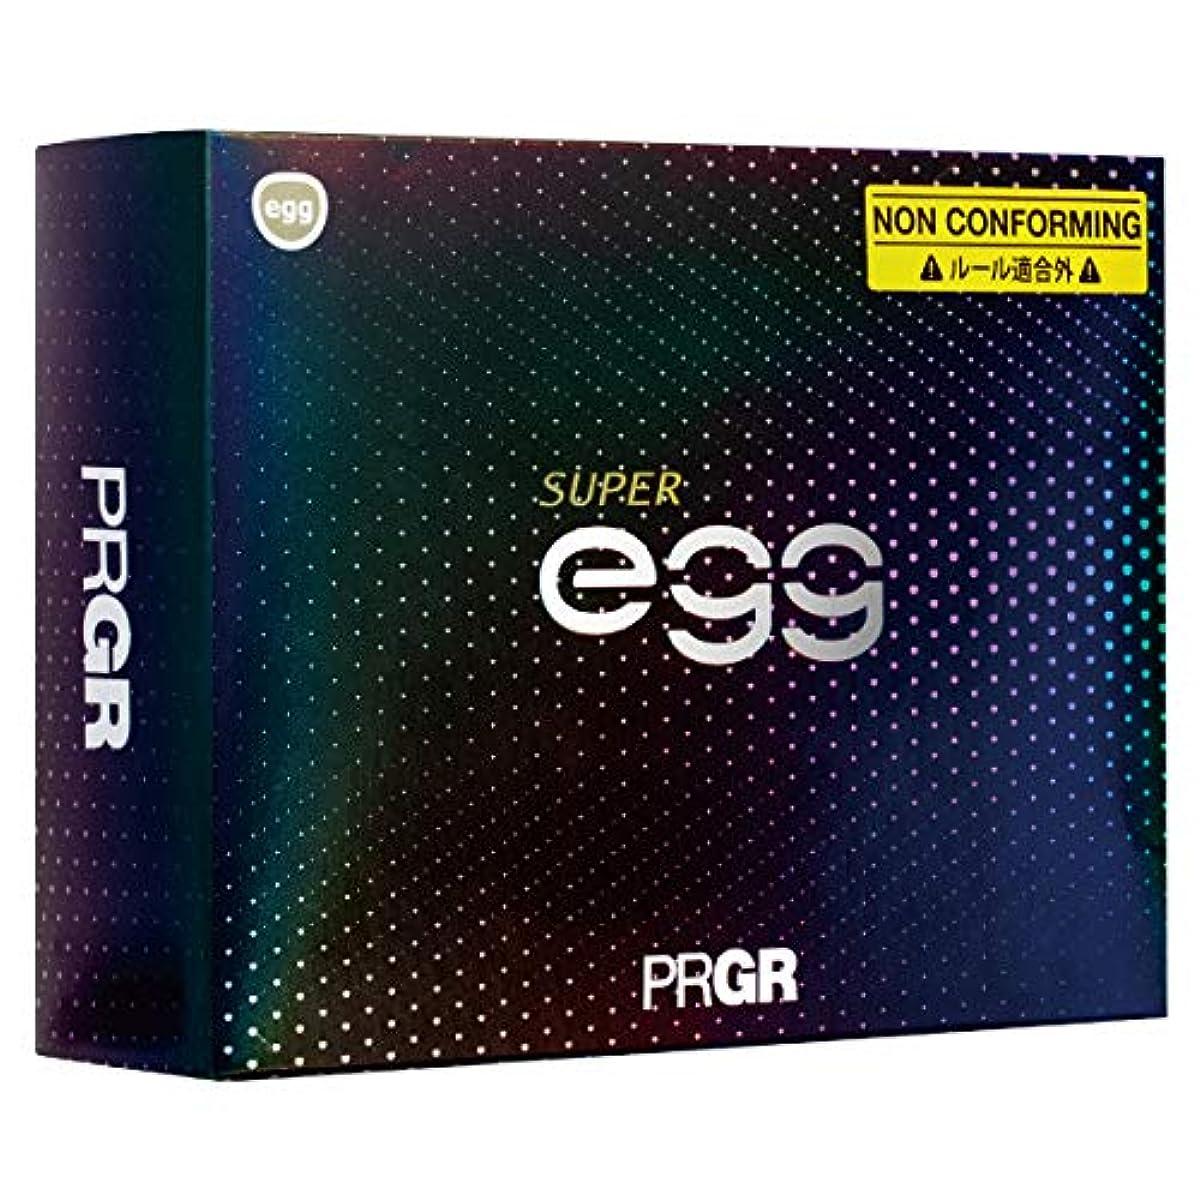 [해외] PRGR(프로기어) 골프 볼 SUPEREGG 19NEW SUPEREGG BALL DZ GB1031 펄 화이트